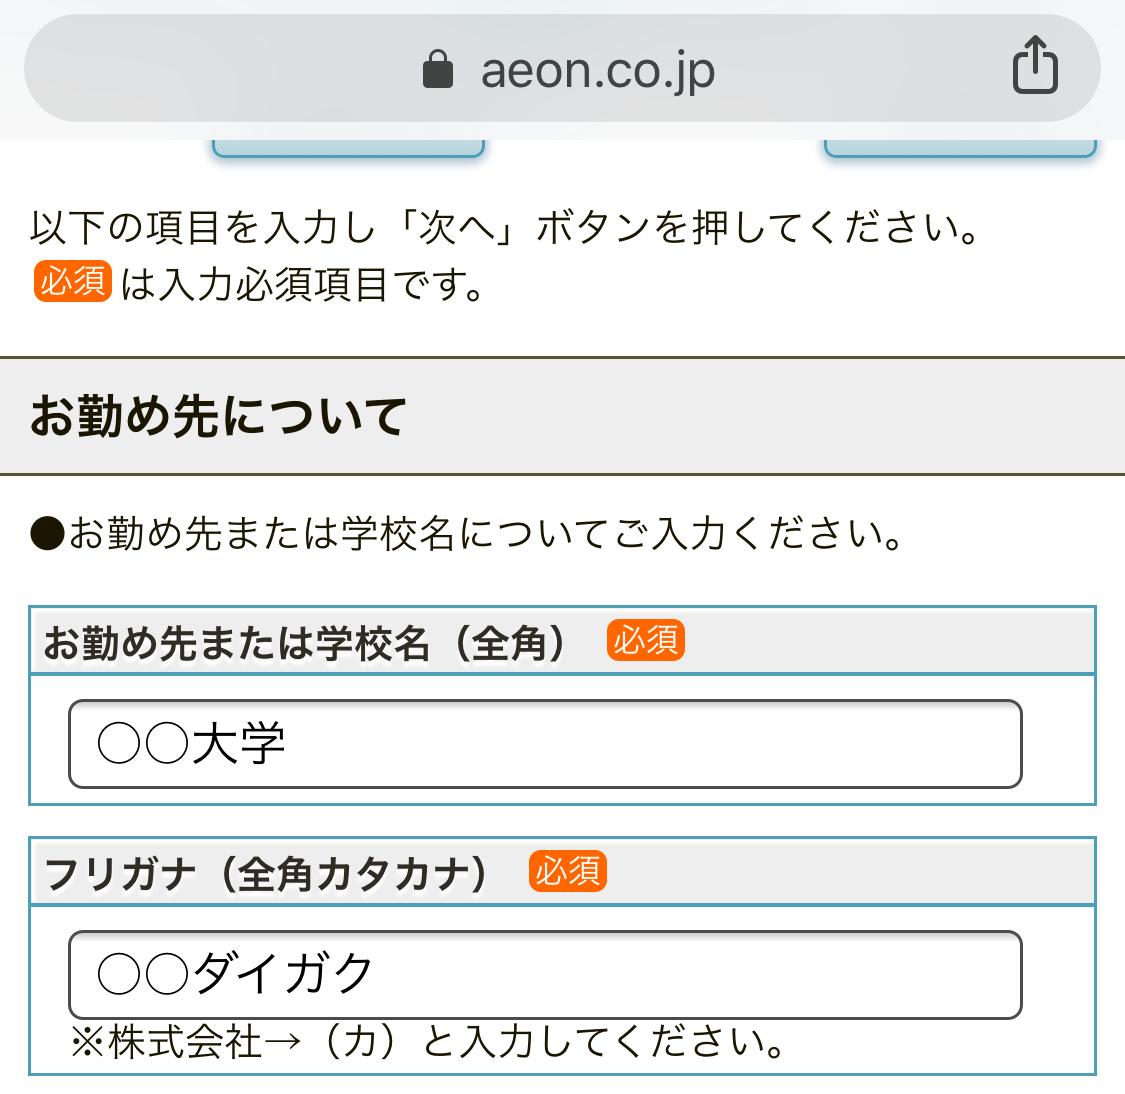 イオンカード入会手続き(勤務先)